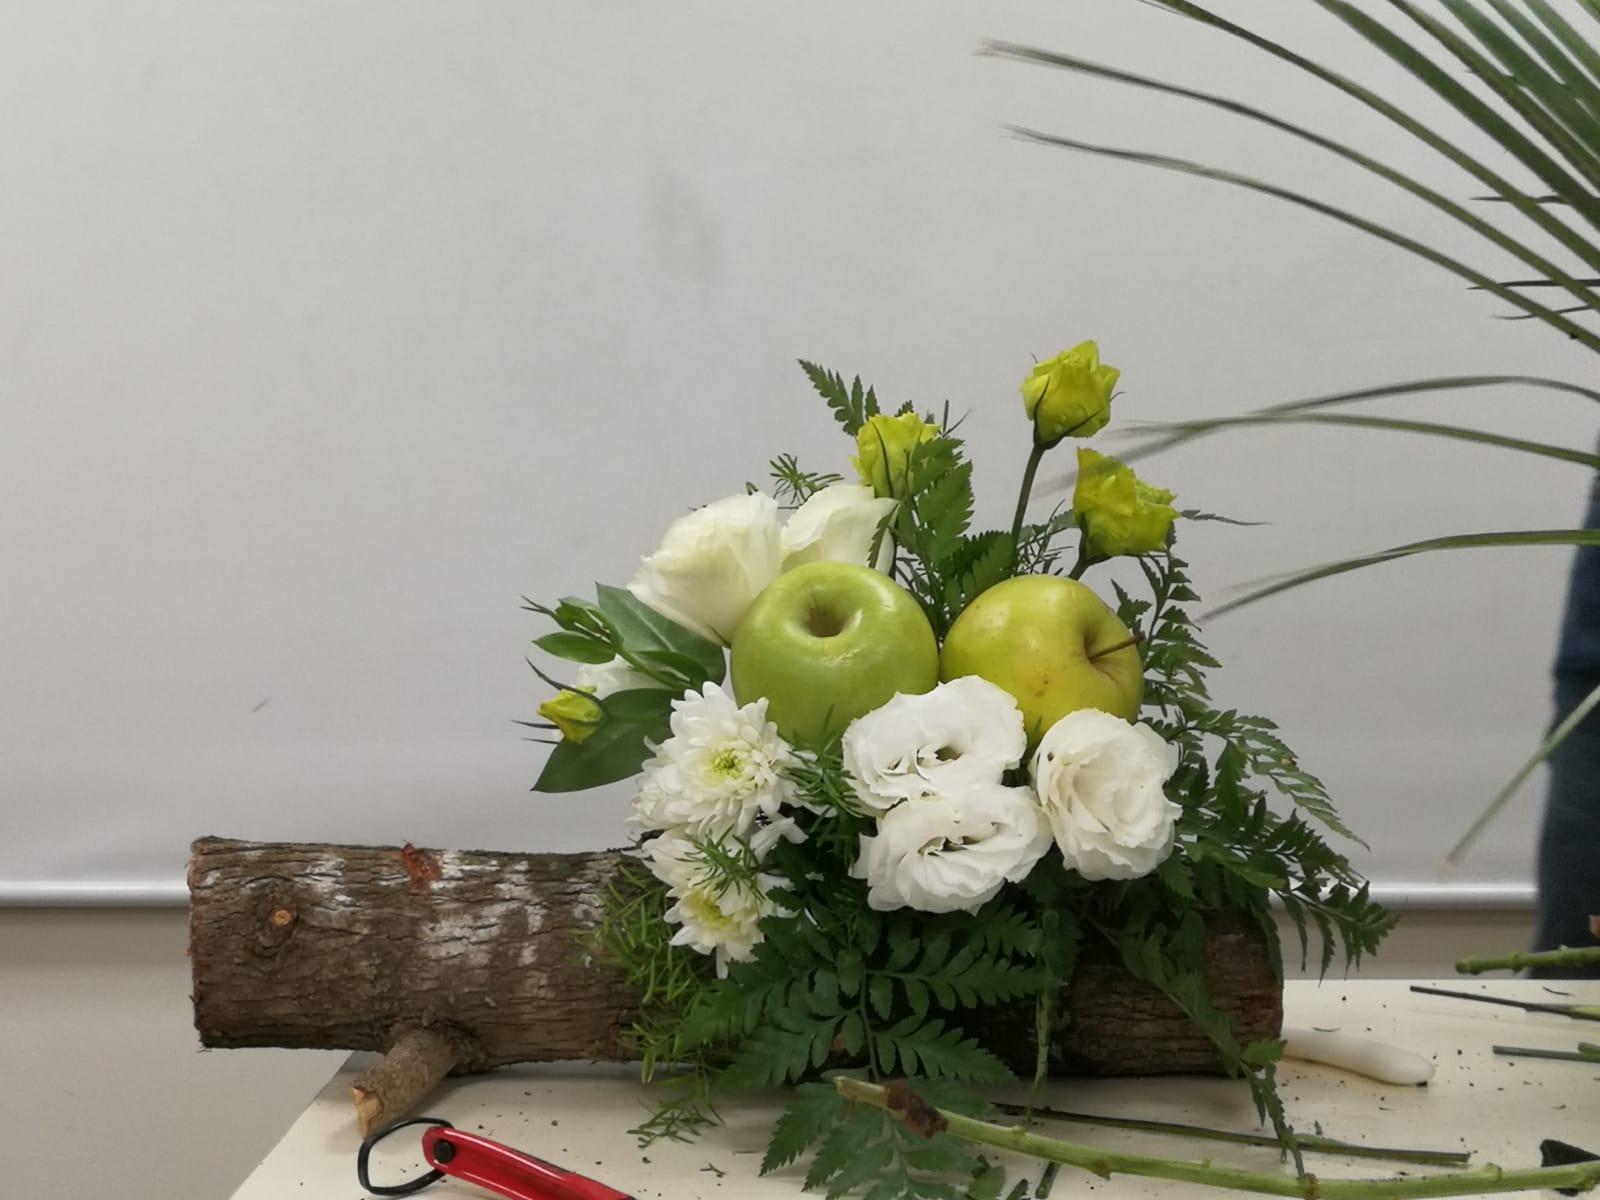 גלרייה - קורס הפקת אירועים מחזור 25 - בשיעור שזירת פרחים , 7 מתוך 7